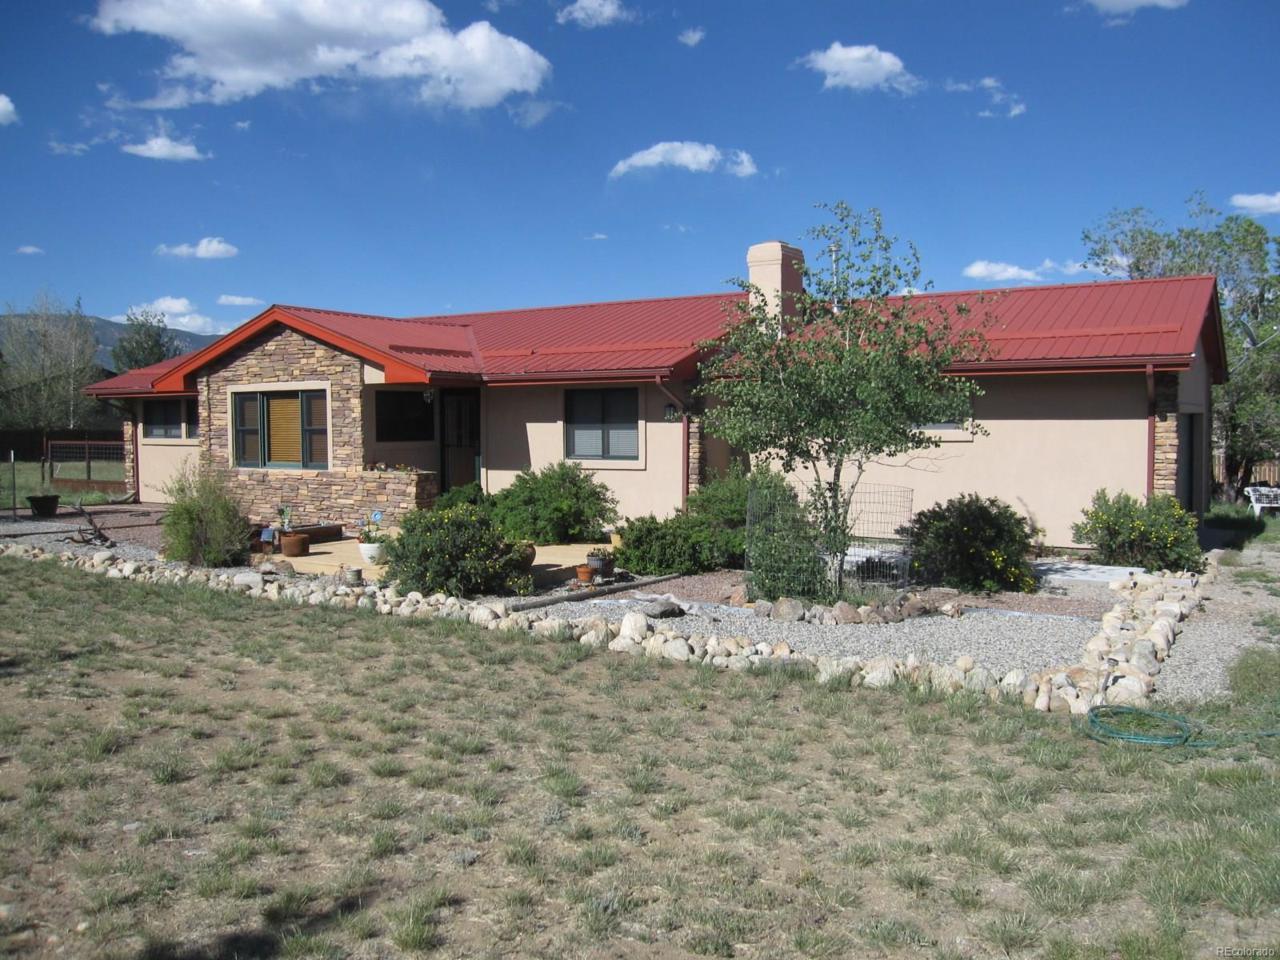 29210 County Road 359, Buena Vista, CO 81211 (MLS #7093304) :: 8z Real Estate